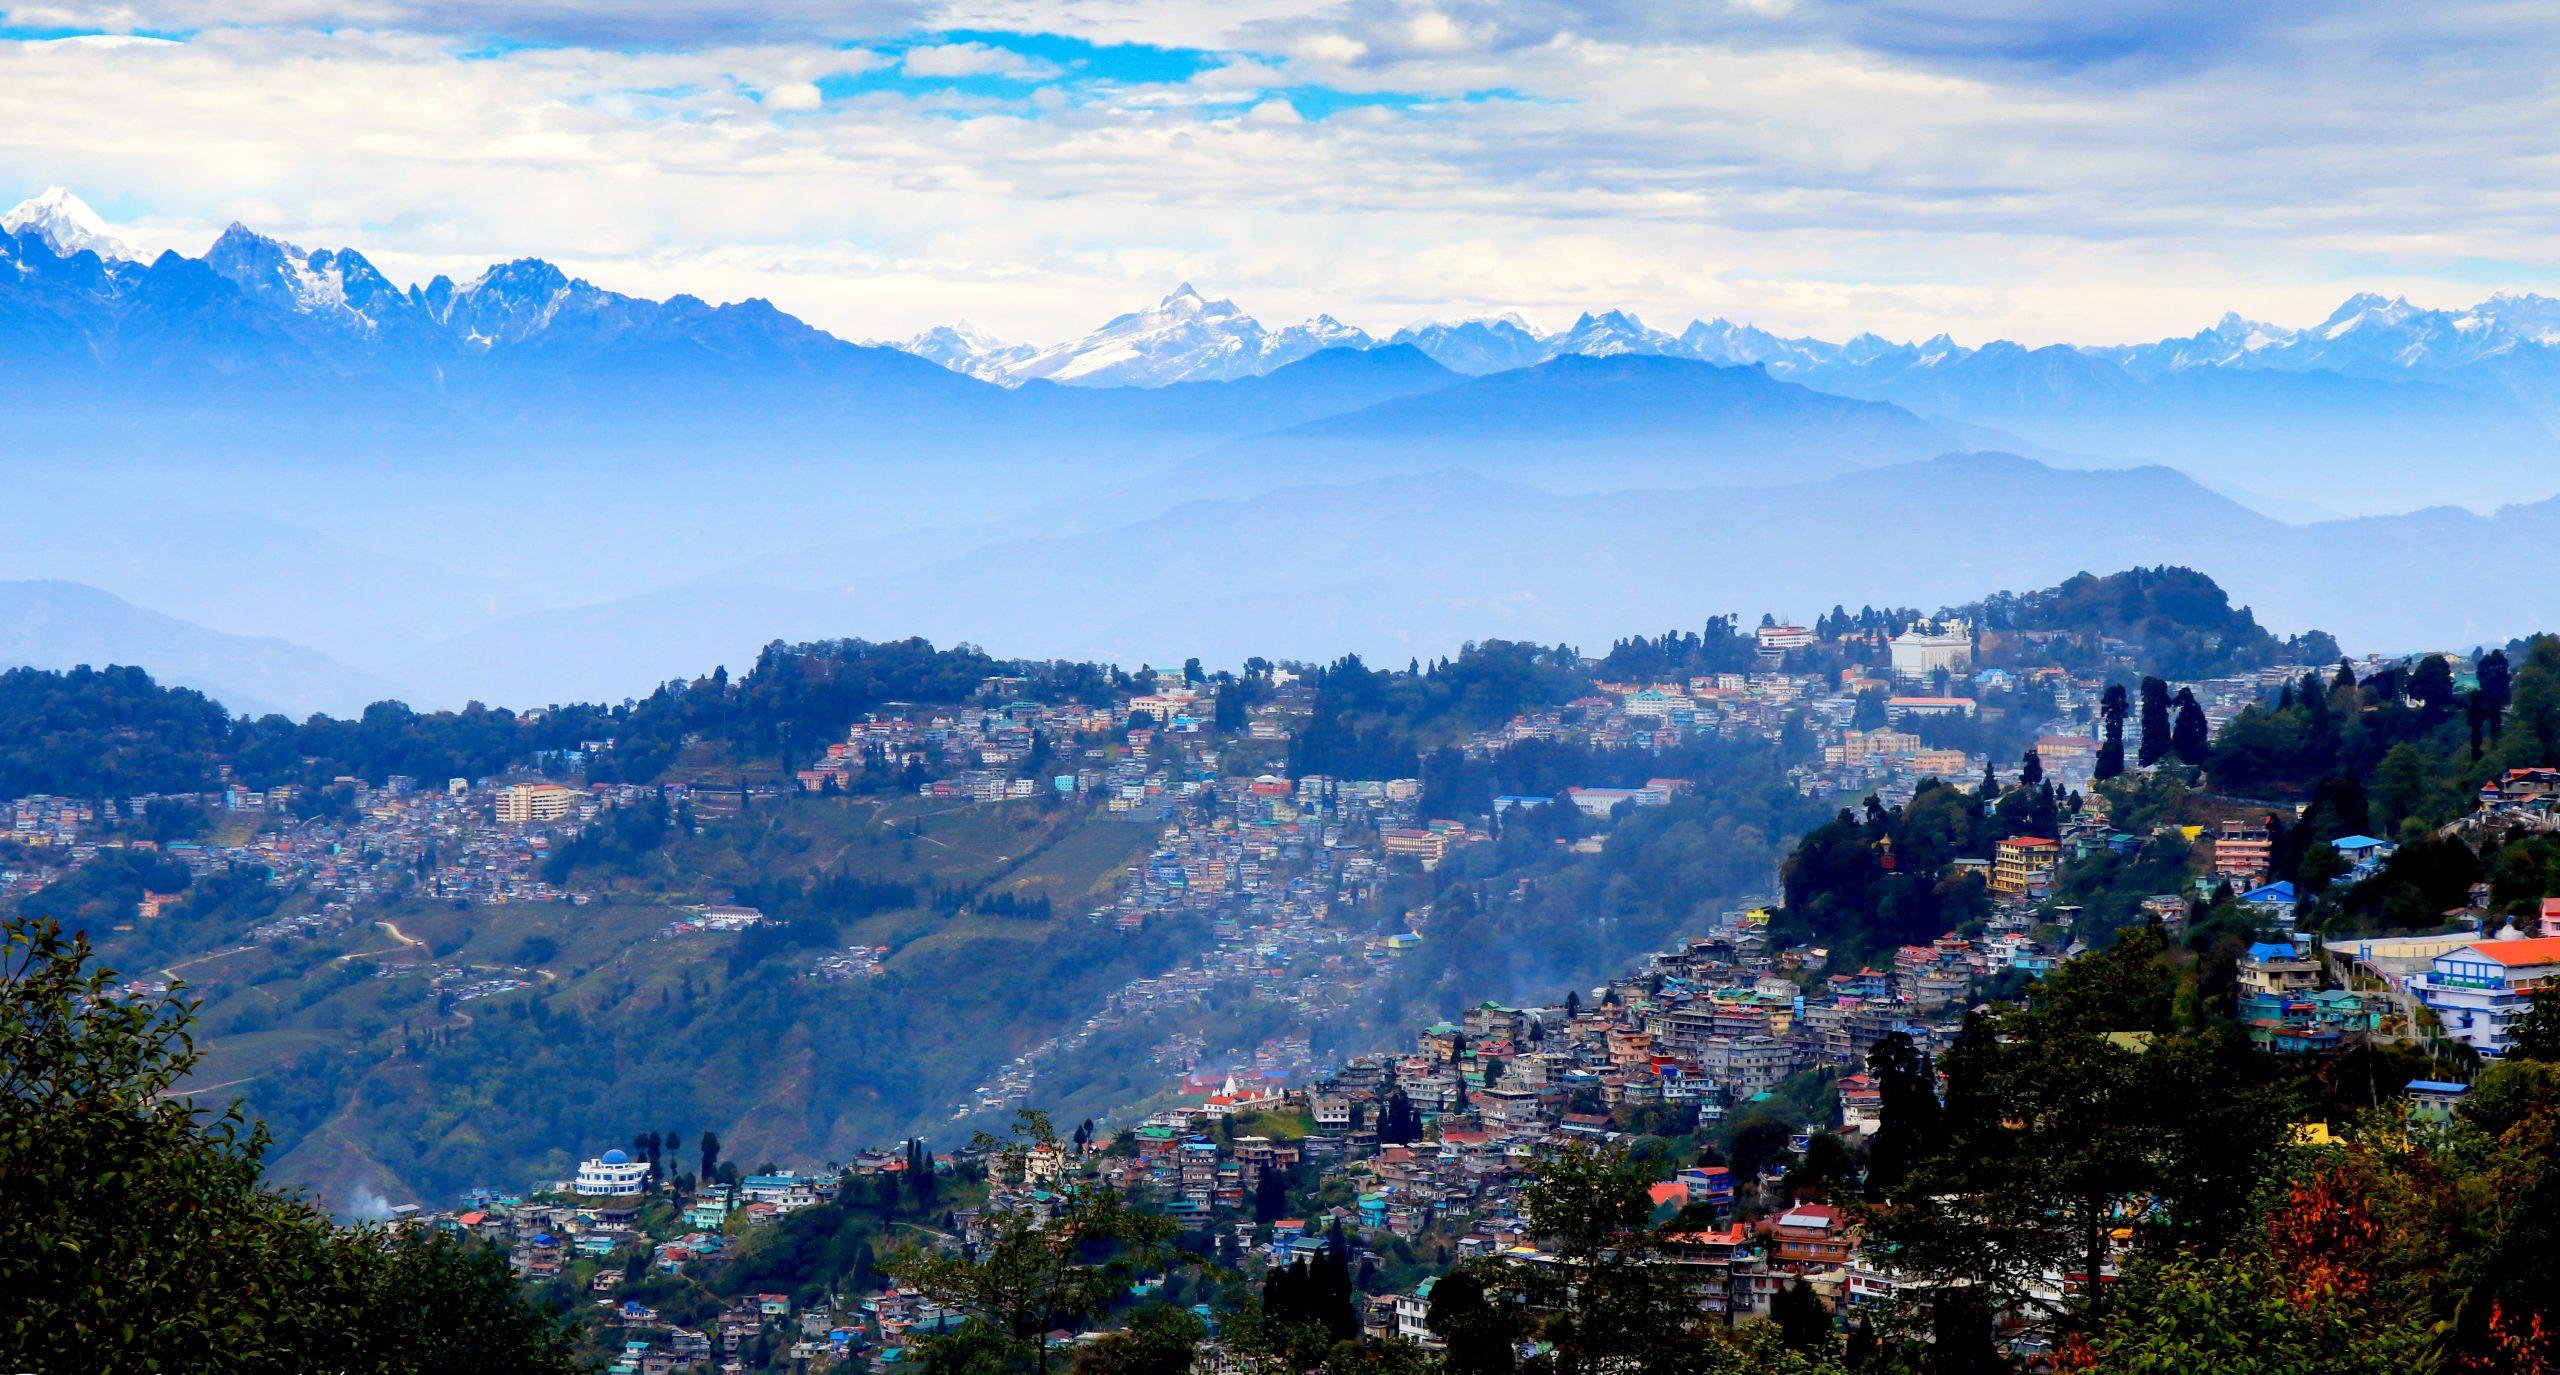 Batasia Loop mountains and city in Darjeeling